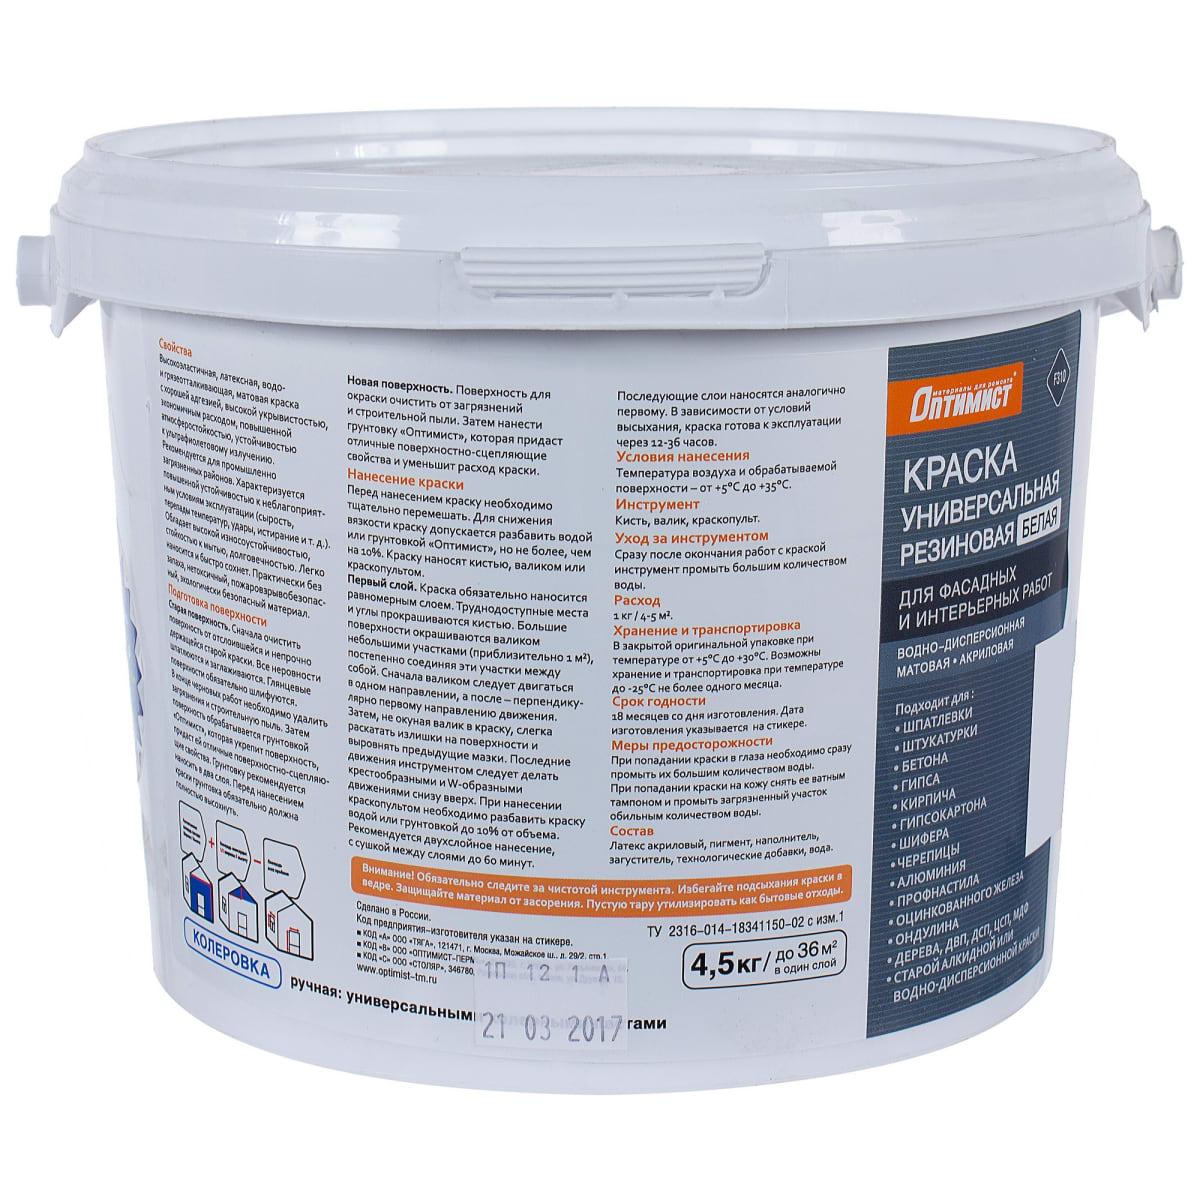 Купить резиновую краску по бетону в леруа мерлен смеси бетонные на гранитном щебне жесткость